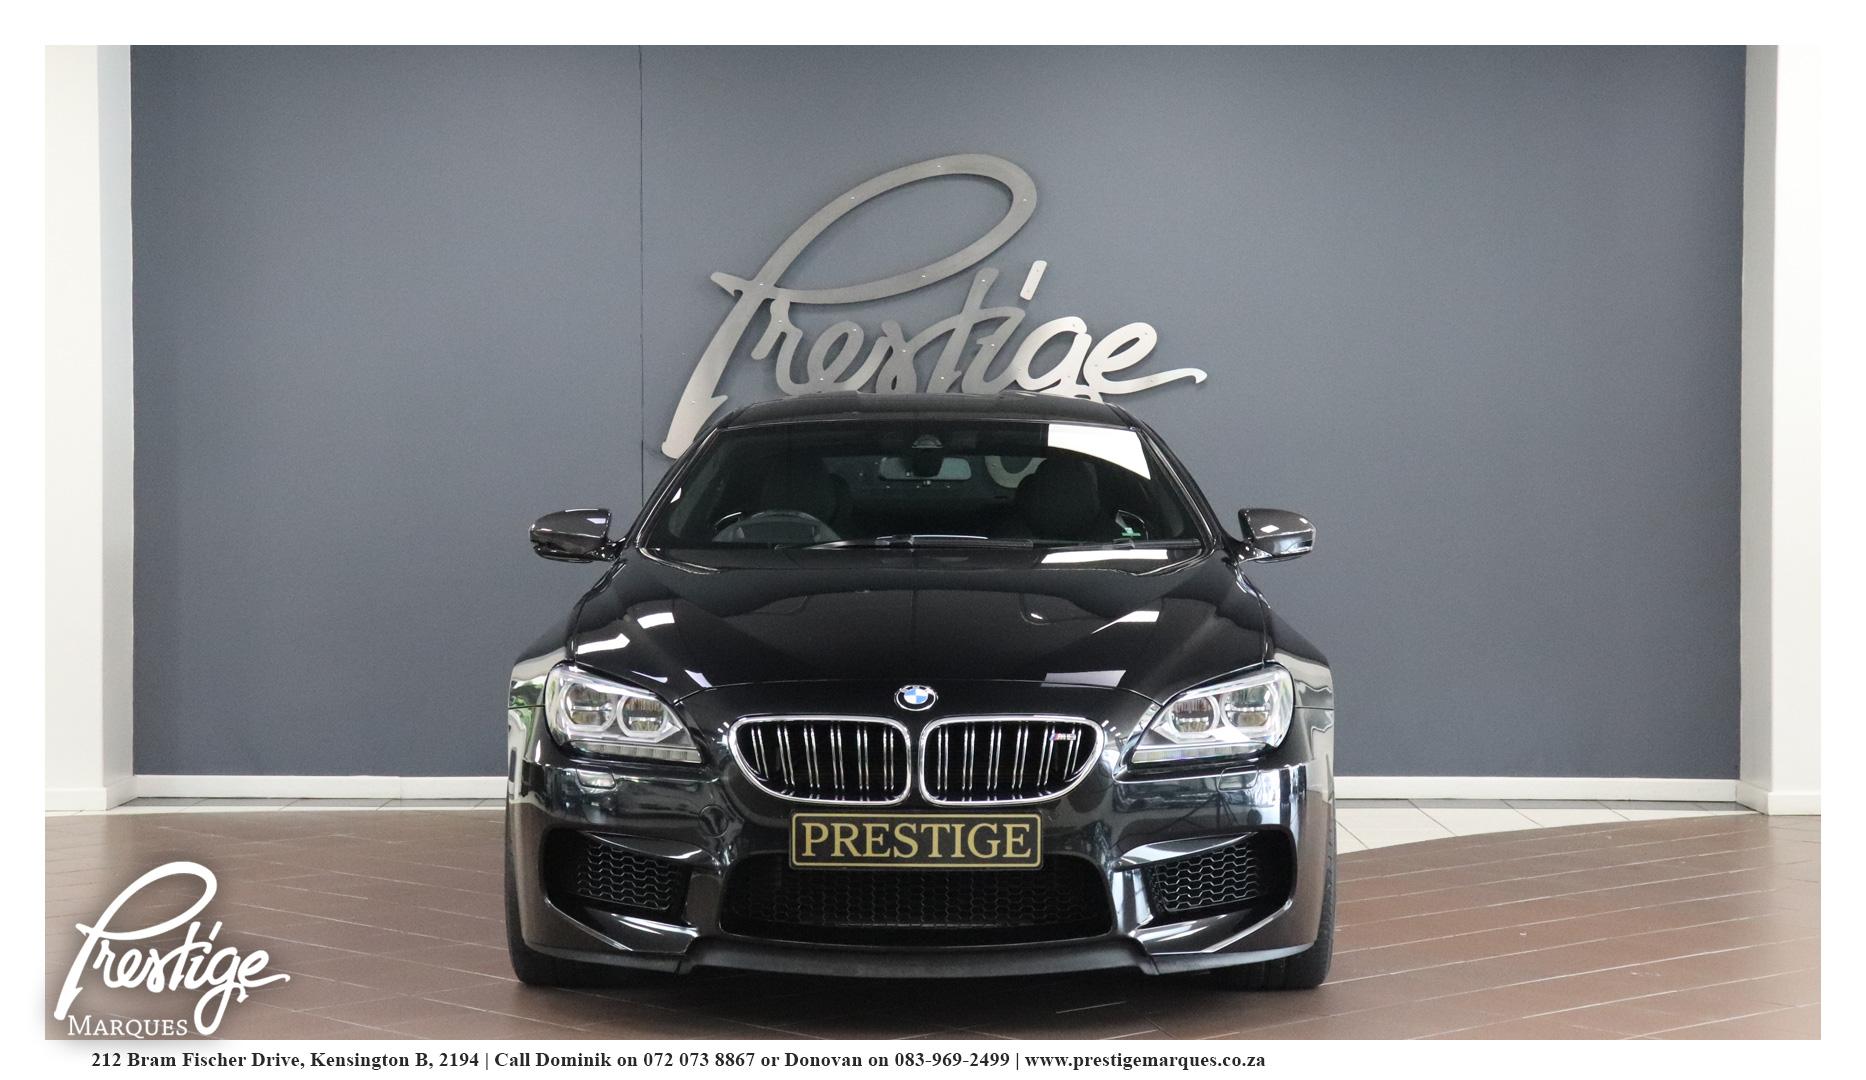 Prestige-Marques-2014-BMW-M6-Gran Coupe-MDCT-8